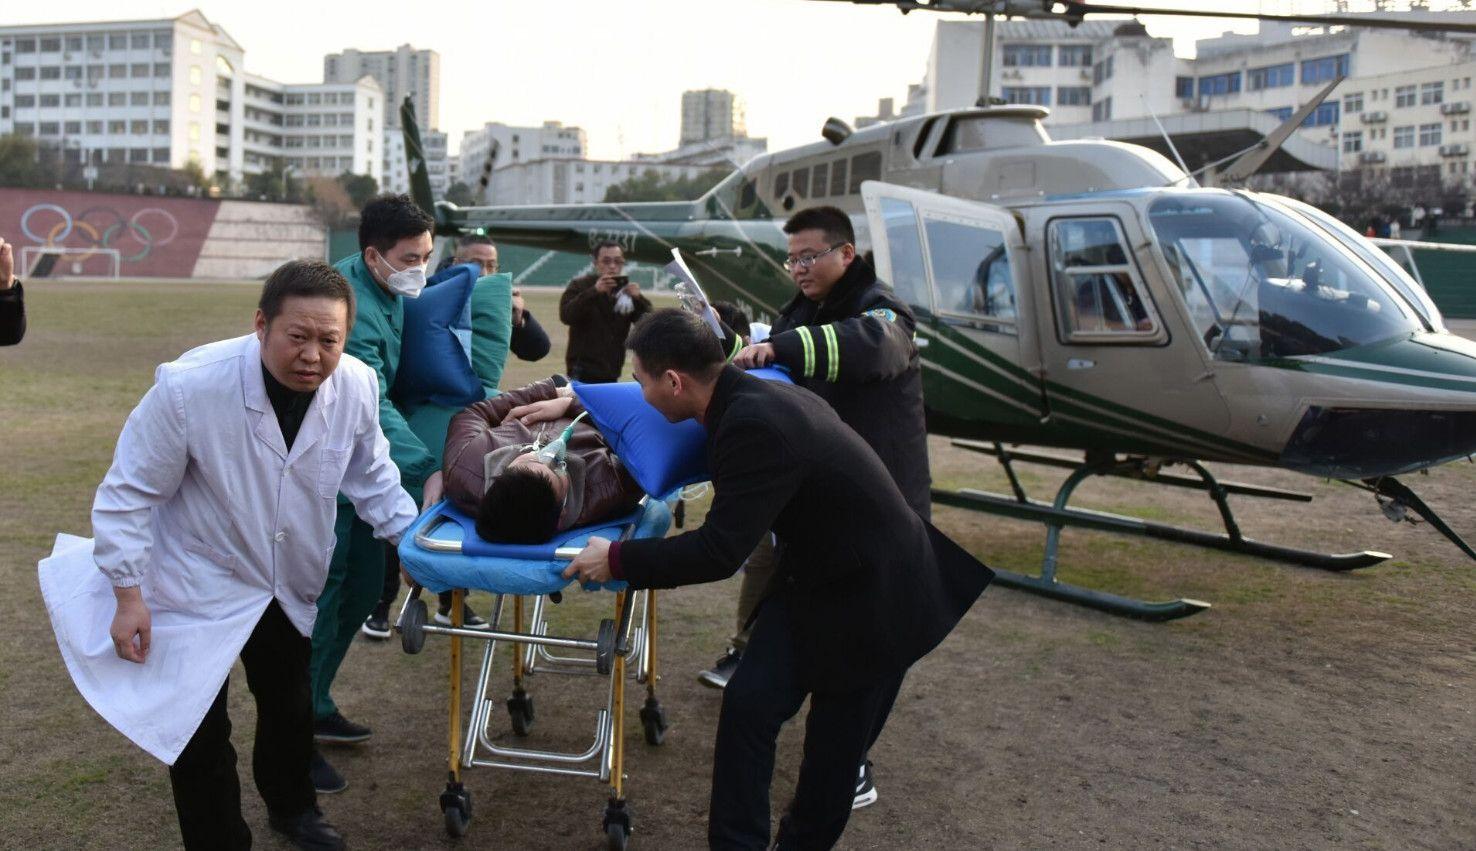 鄂西北山区,正在演练空中救援的直升机突然接到命令:中止演习,转入实战